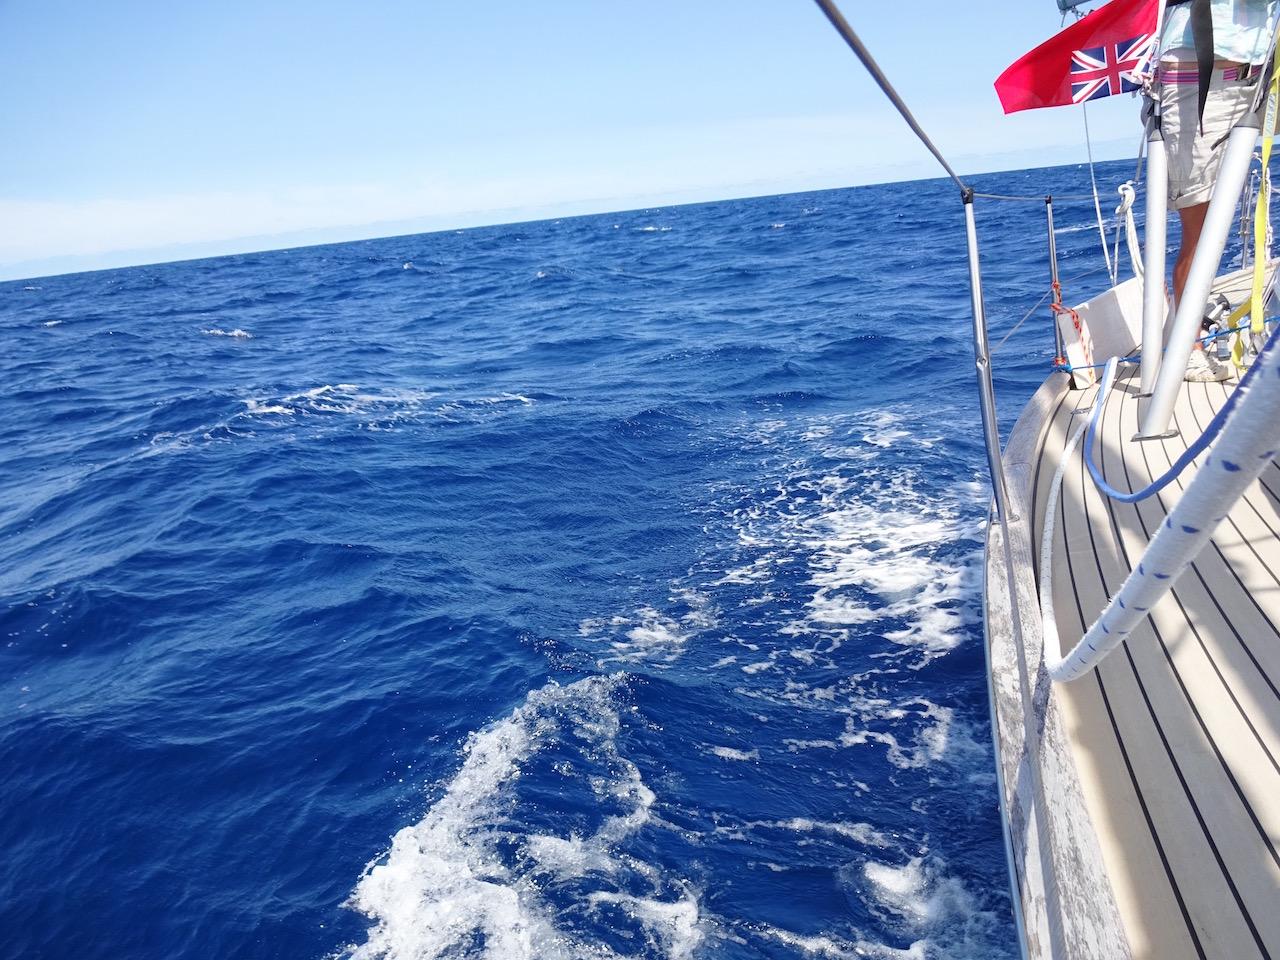 und so Blau ist das Wasser wirklich wenn es eine Tiefe von mehr als 4000 Meter hat